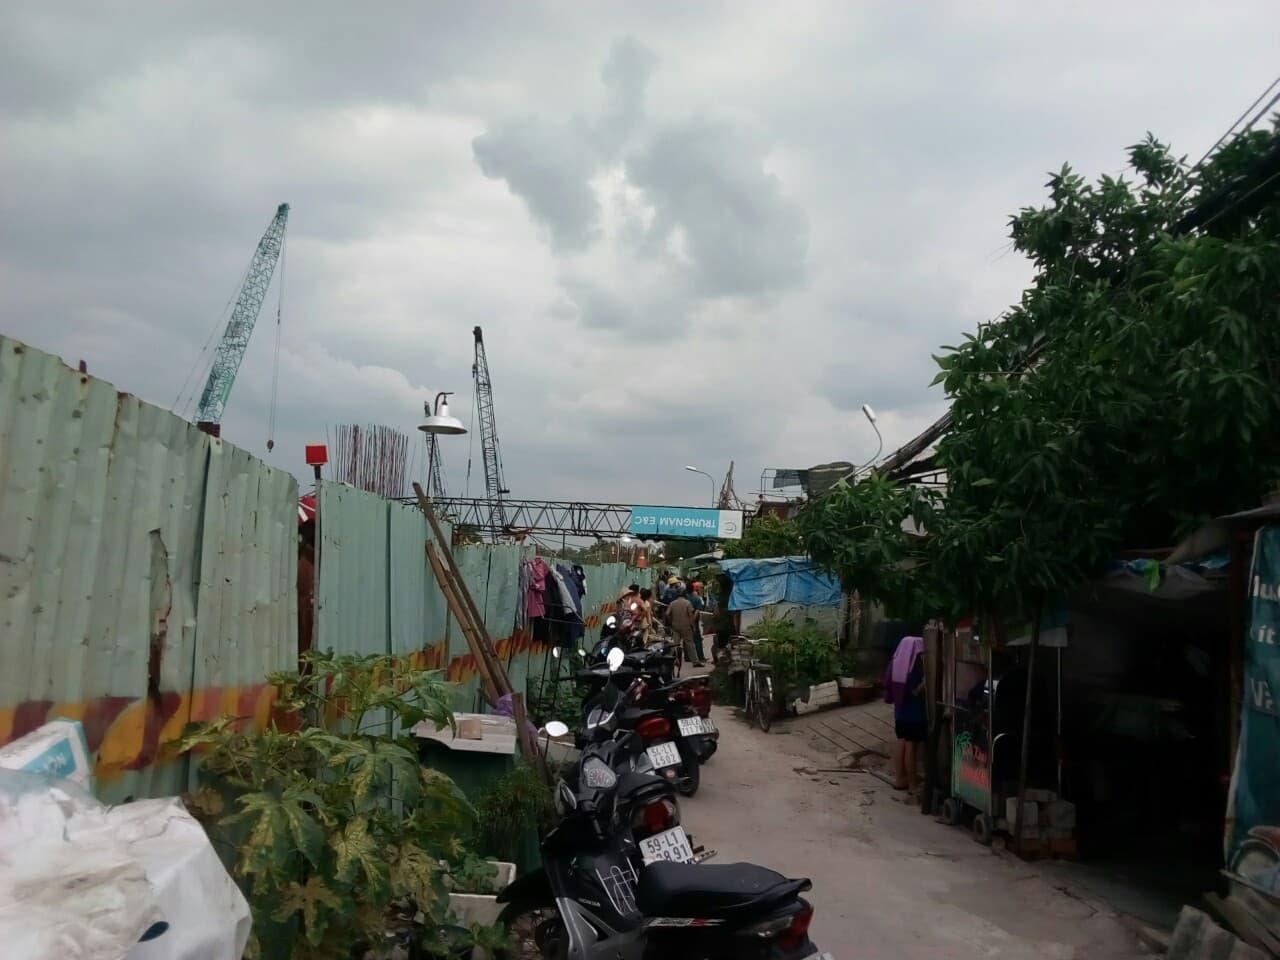 TP. HCM: Cần cẩu 25m dự án chống ngập 10.000 tỷ bất ngờ đổ sập vào nhà dân - Ảnh 1